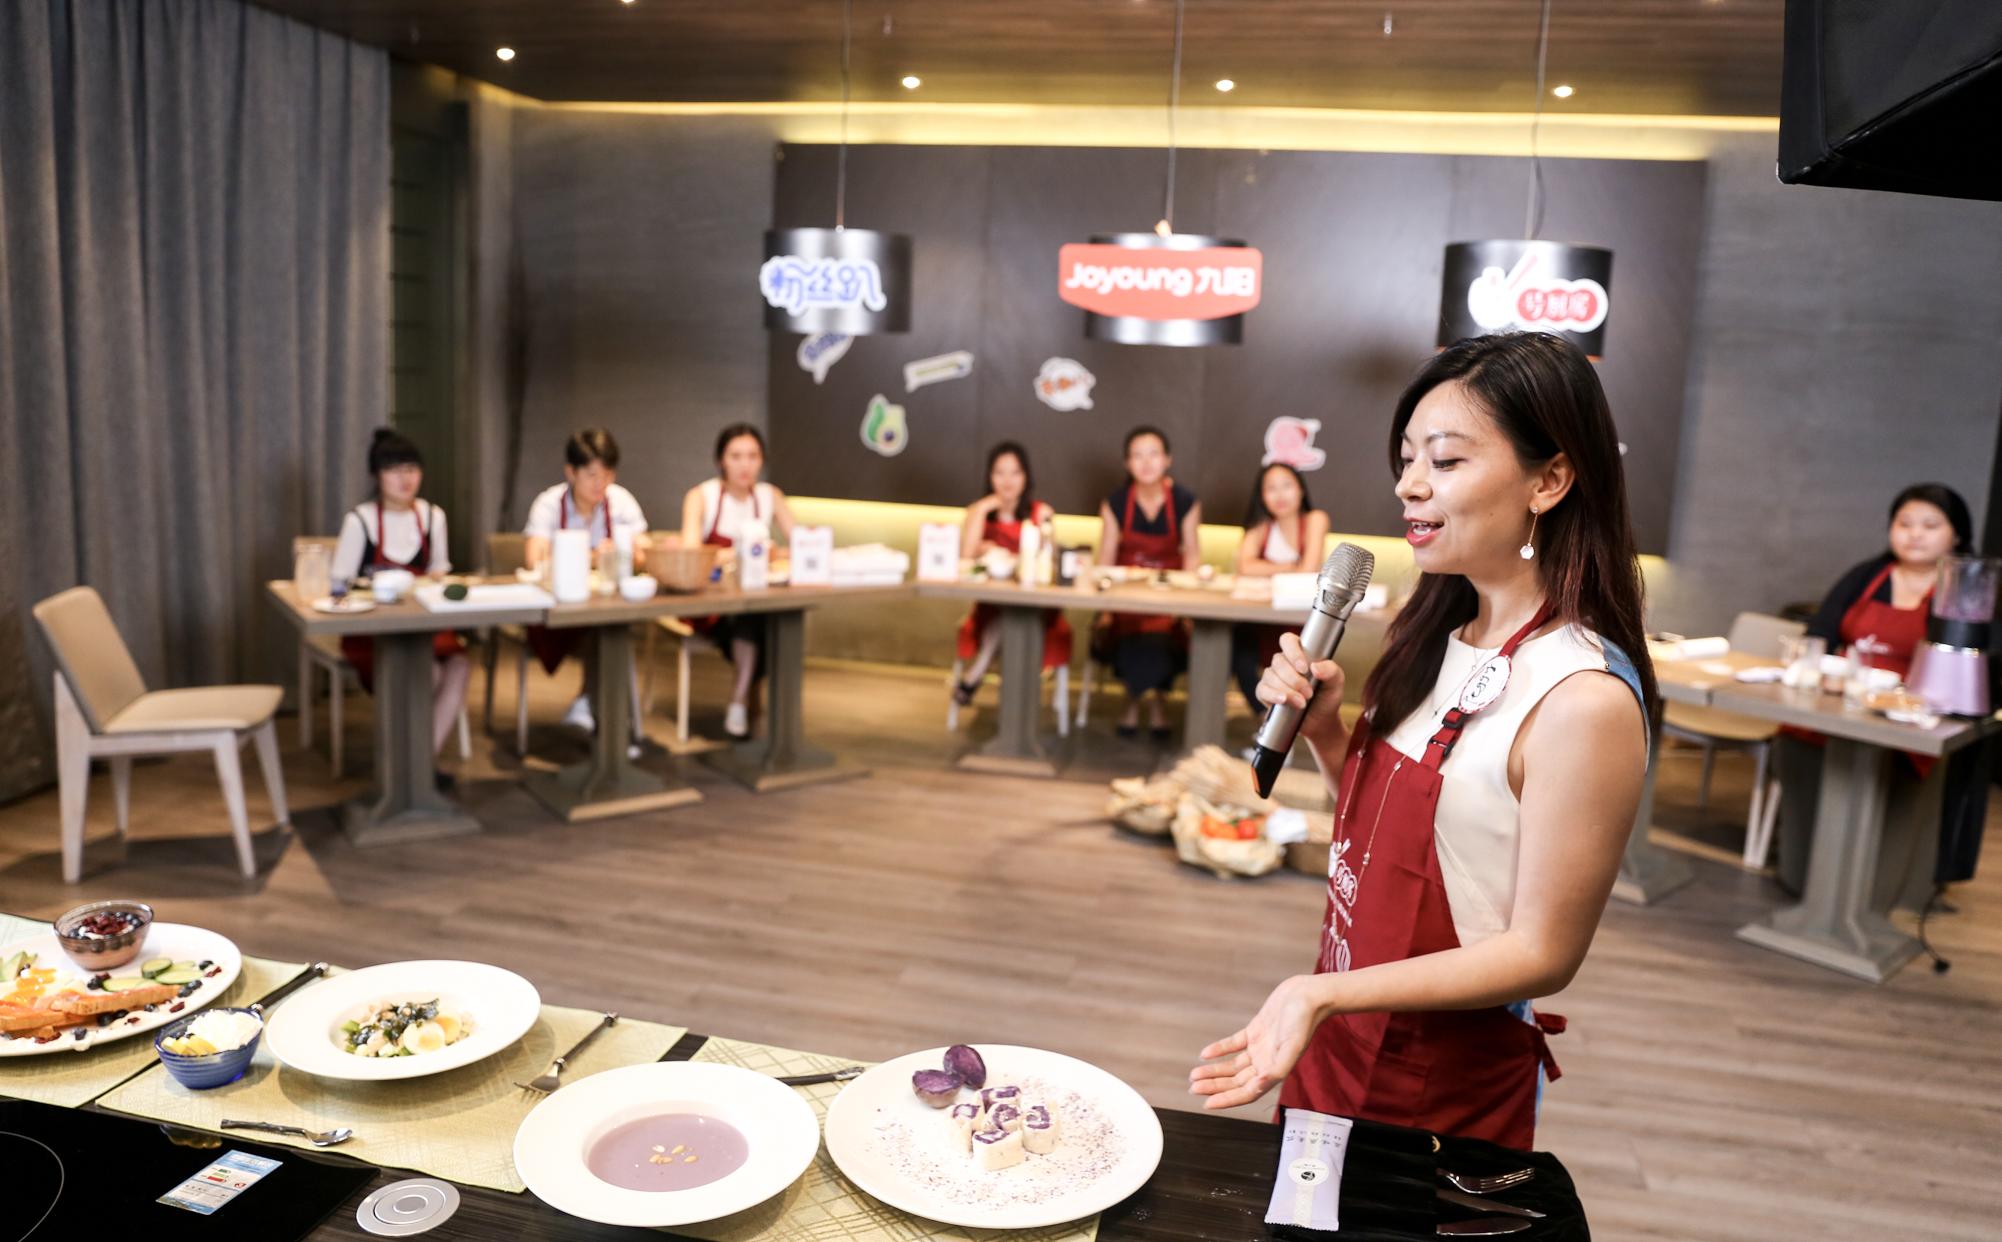 上海-美丽人生的早餐战役